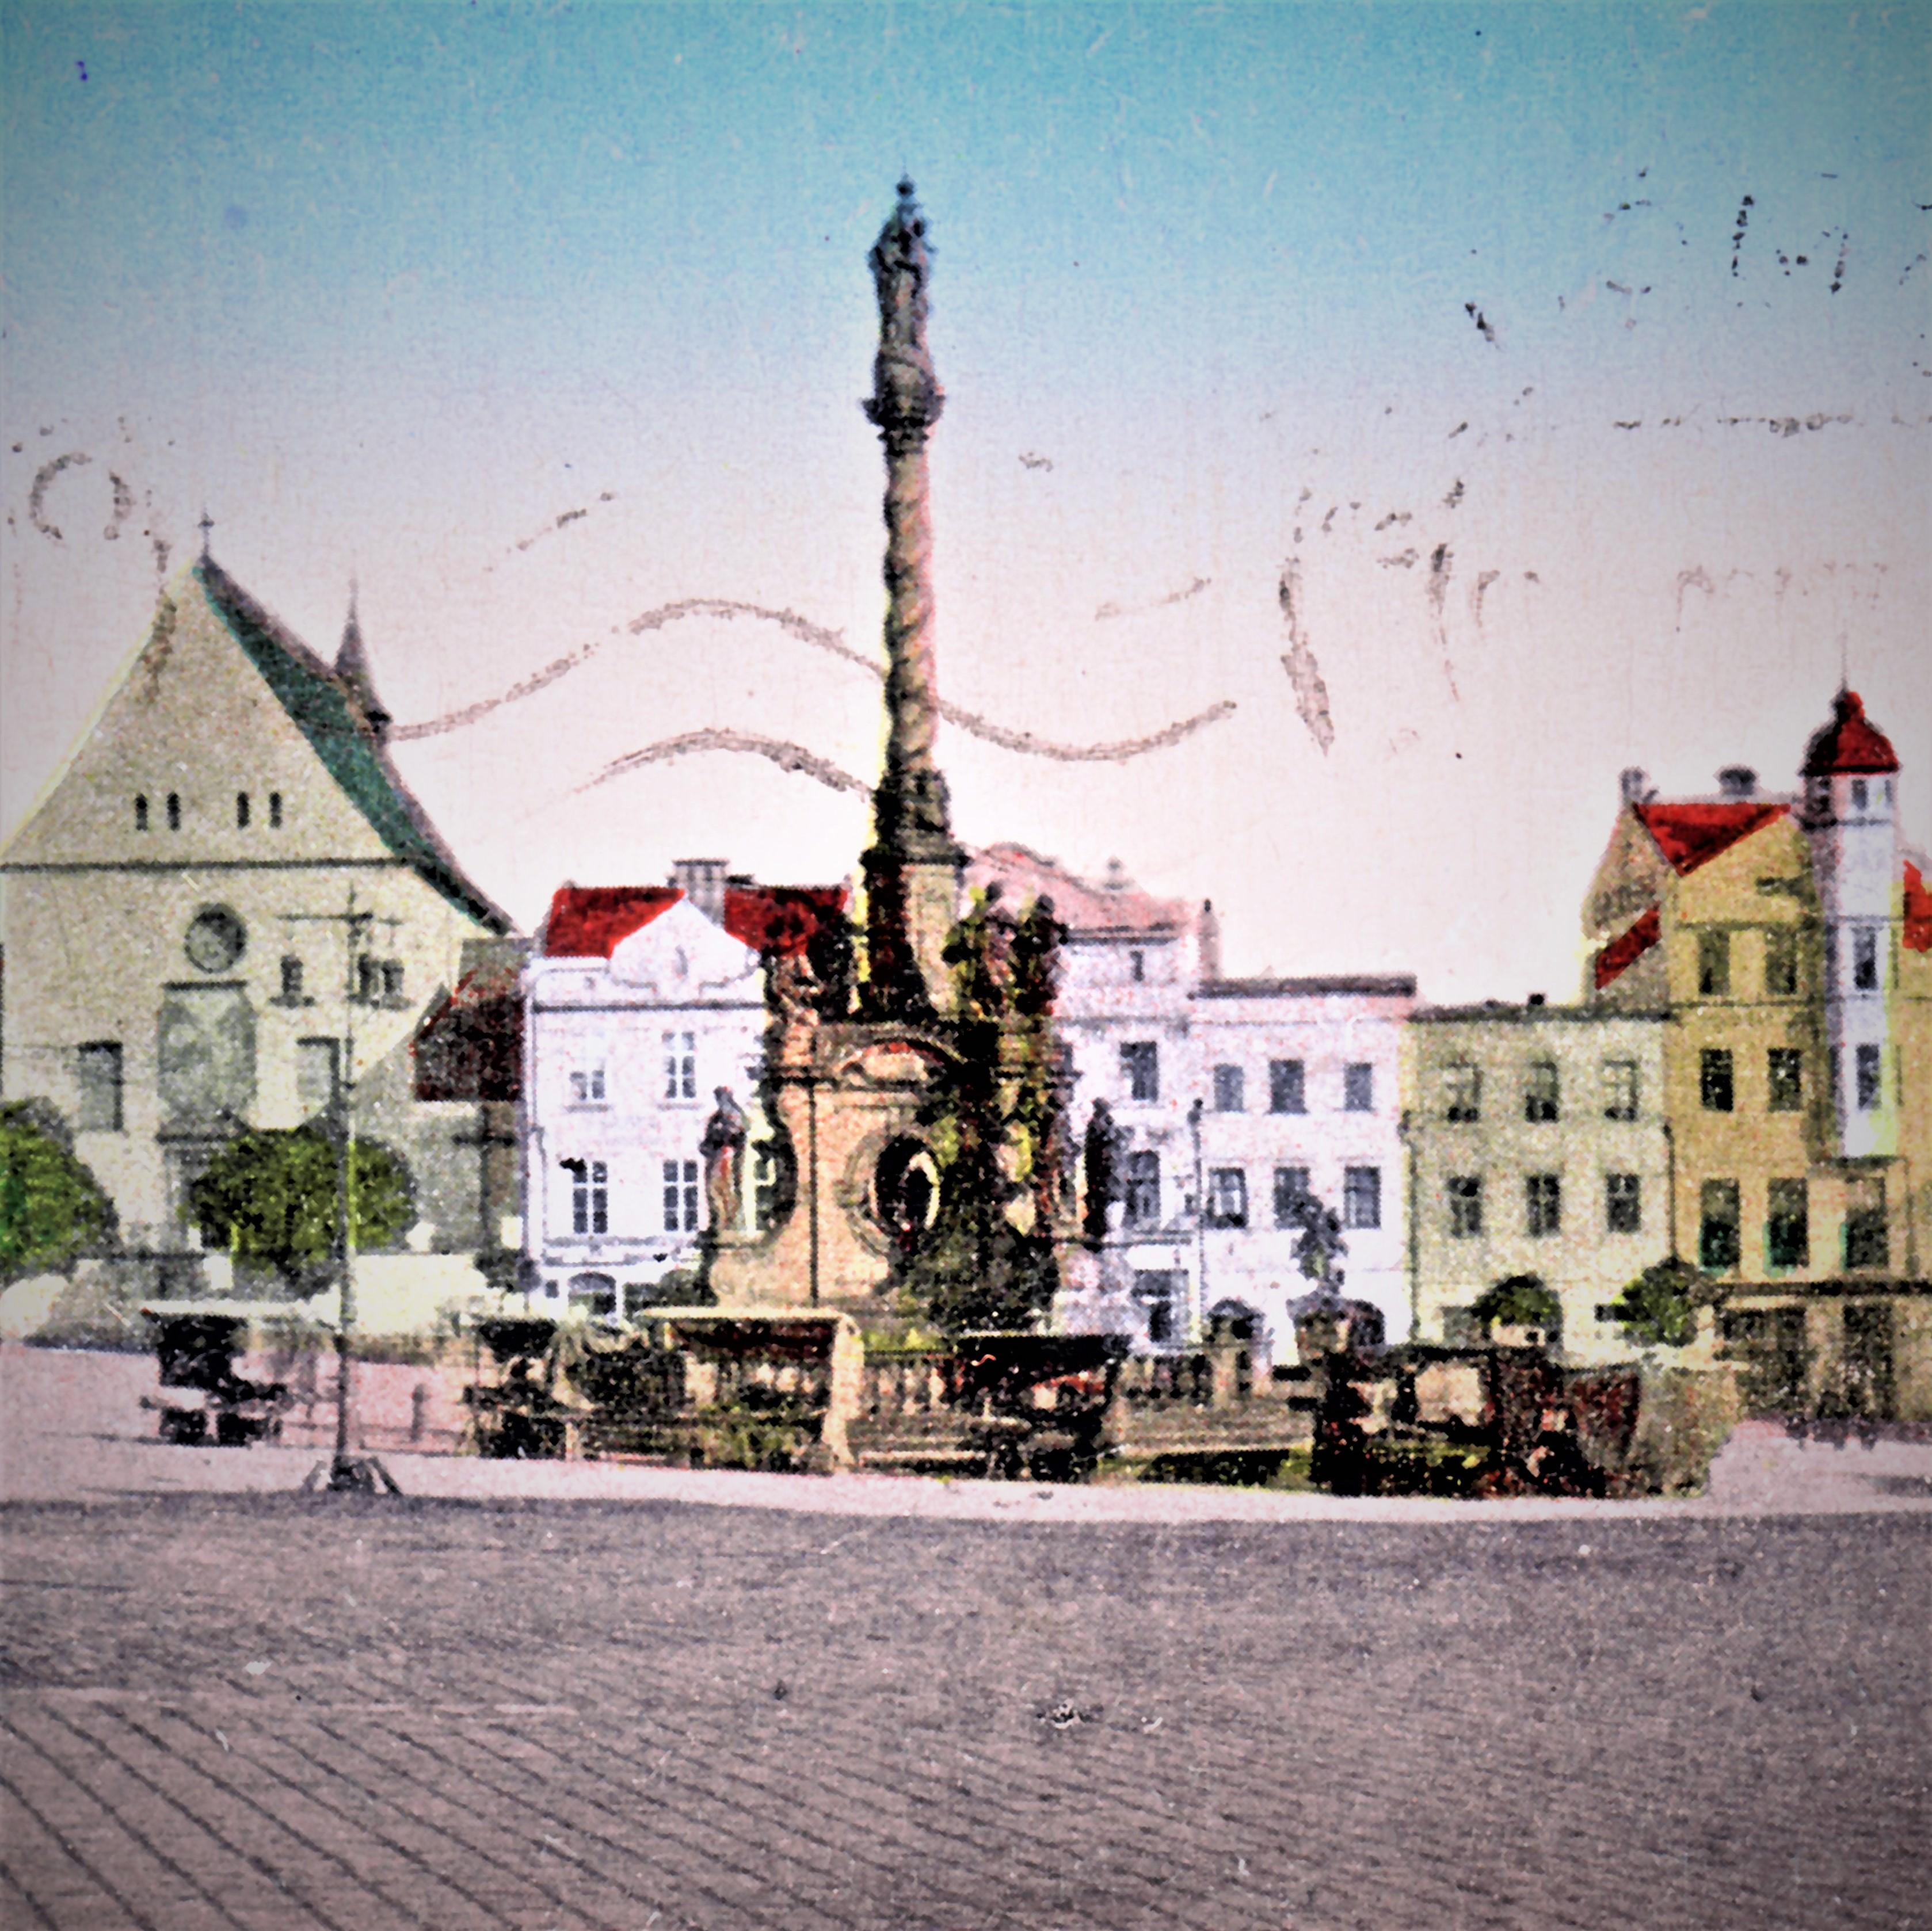 Dolní náměstí, místo pro kulturu!